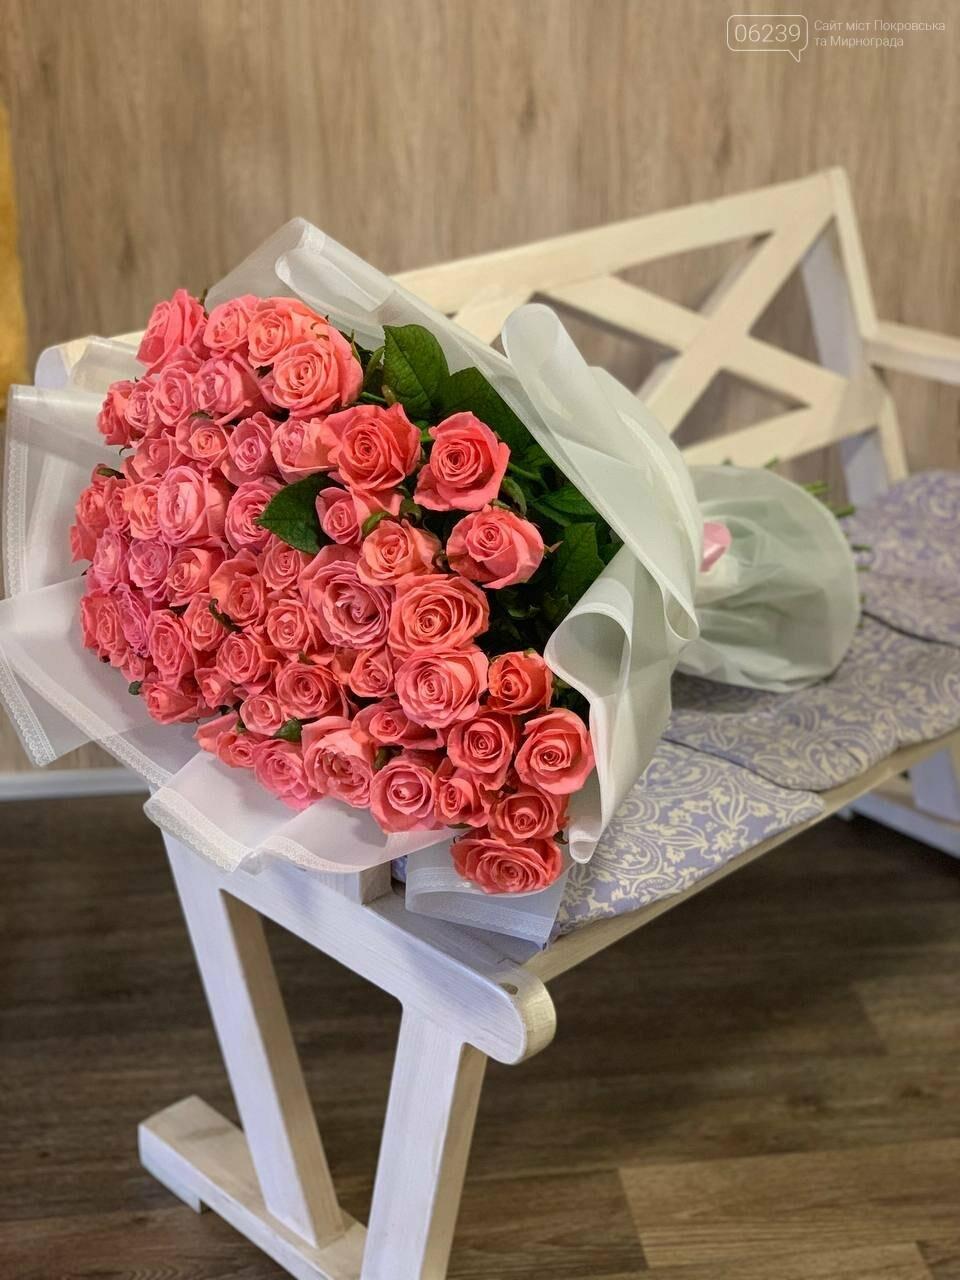 Роскошные тюльпаны, шикарные розы и нежные ирисы - салон цветов FLORIKA готов к 8 Марта, фото-4